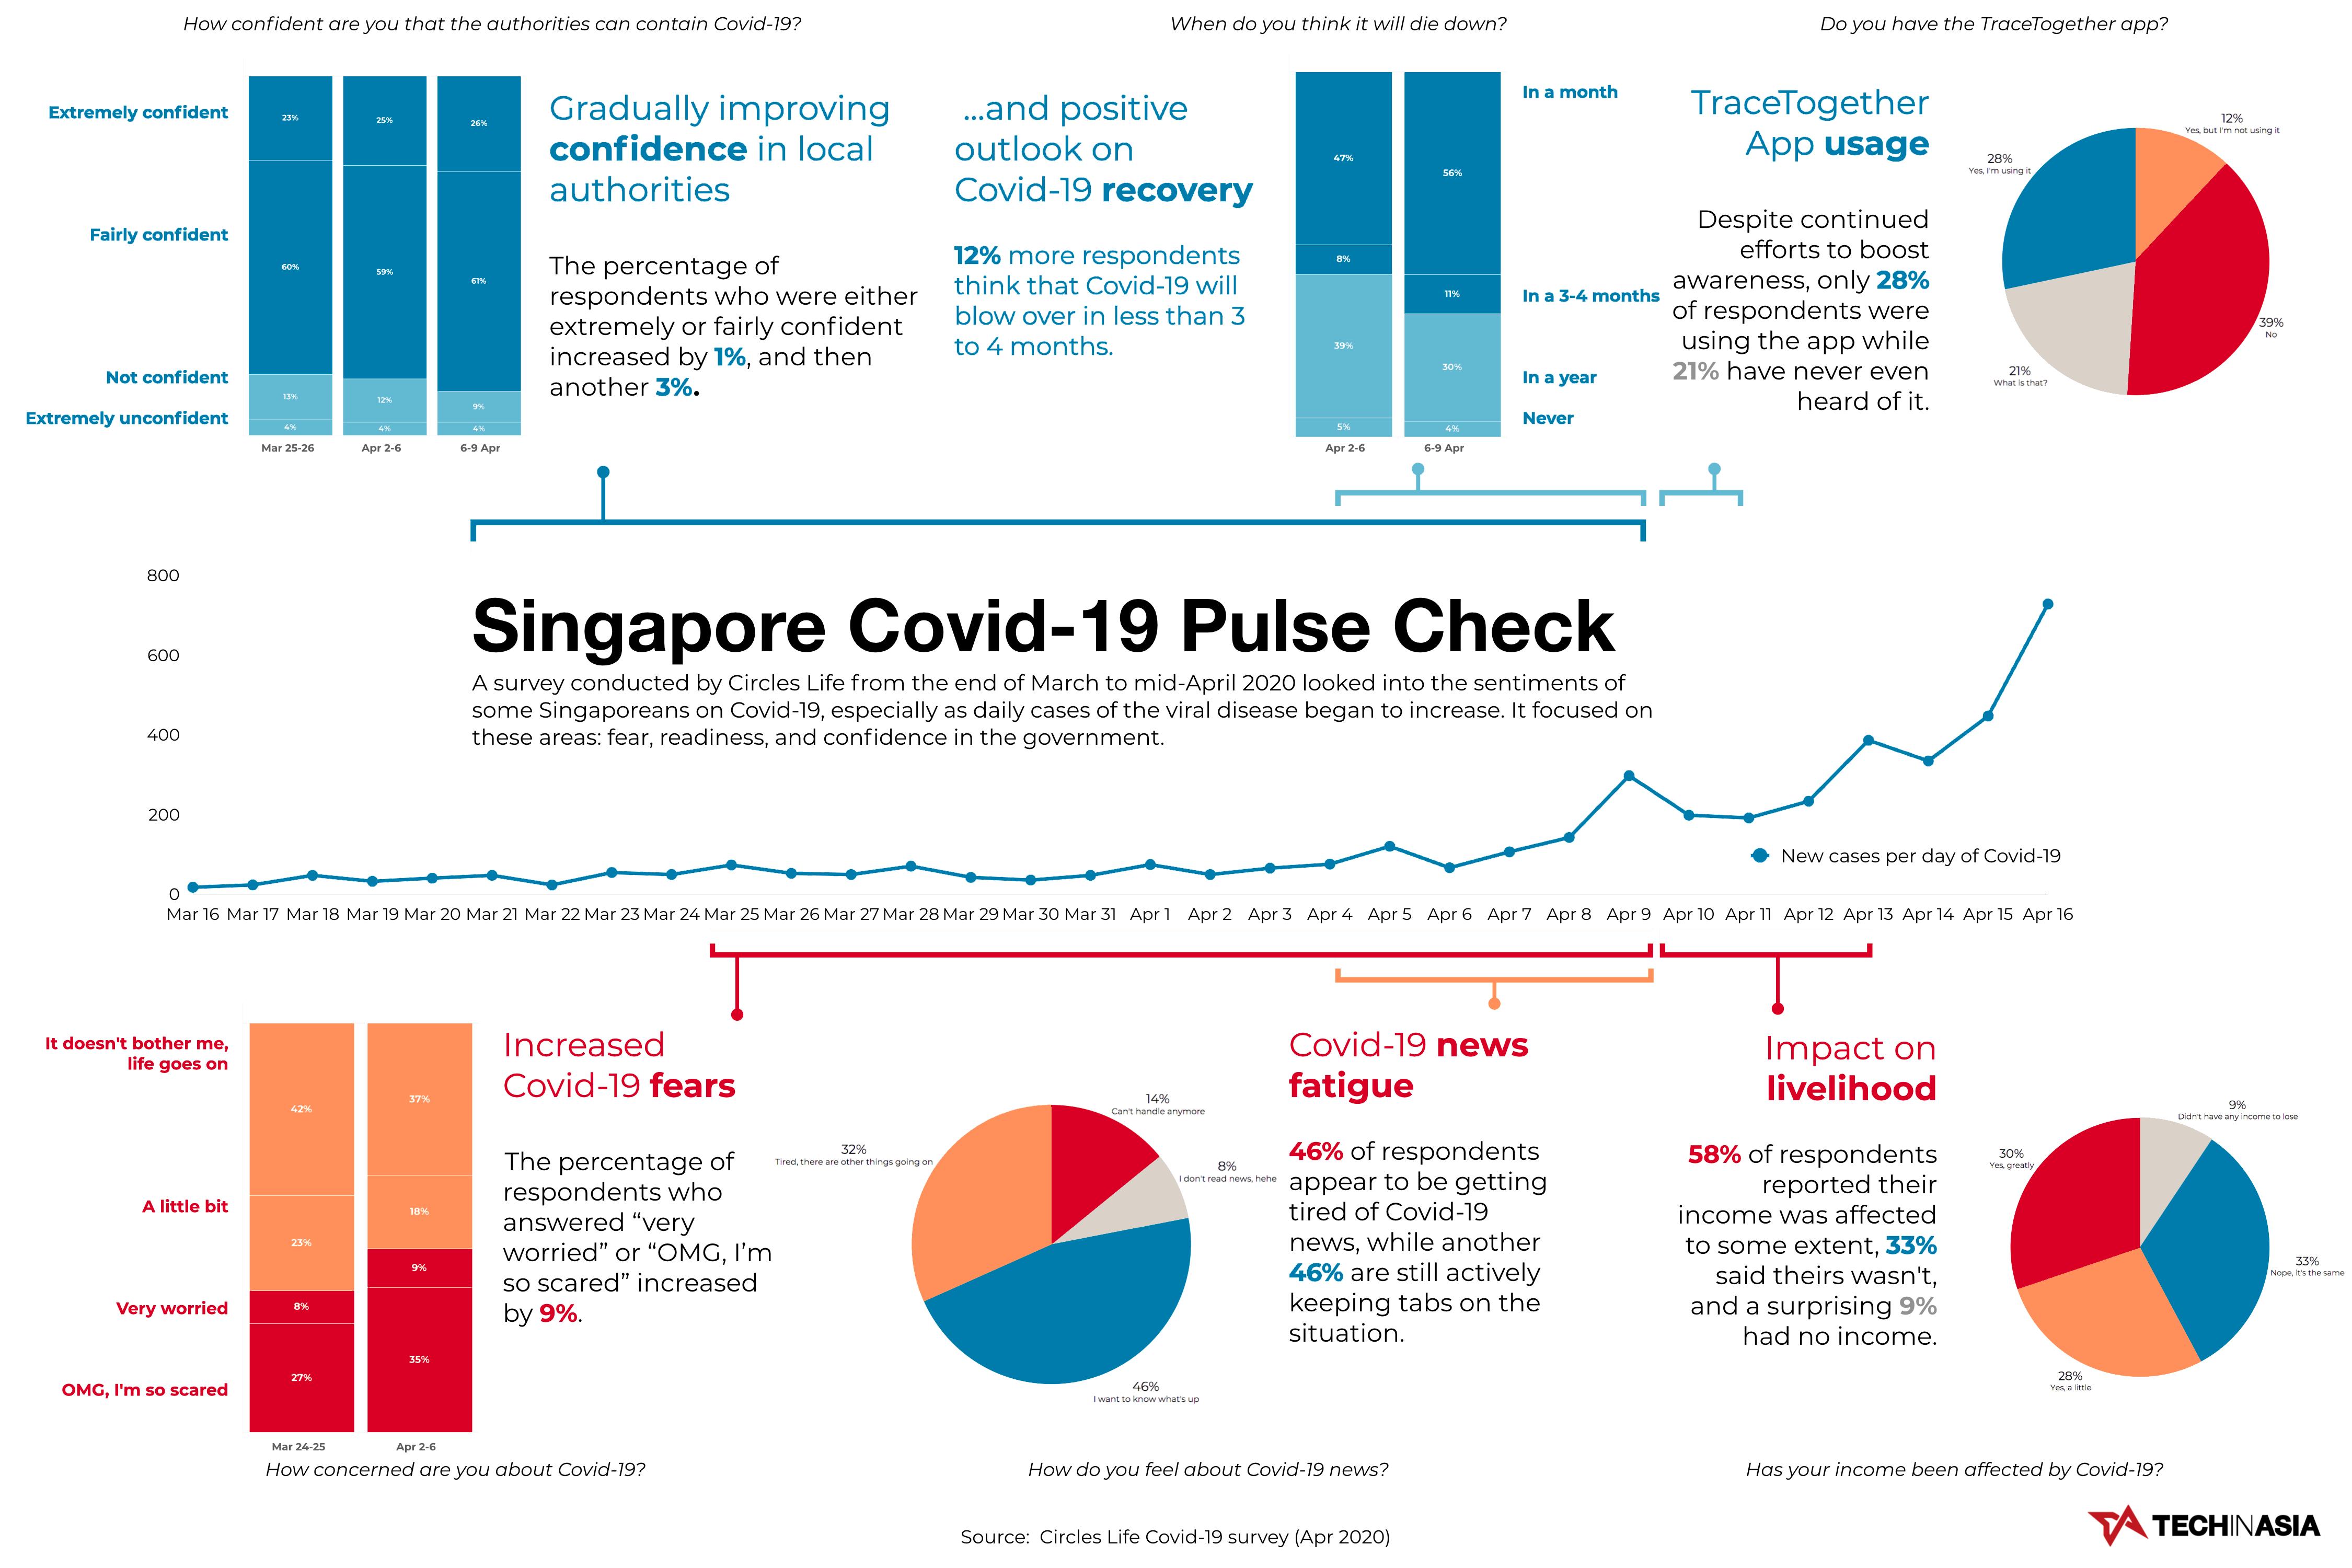 Singapore Covid-19 pulse check